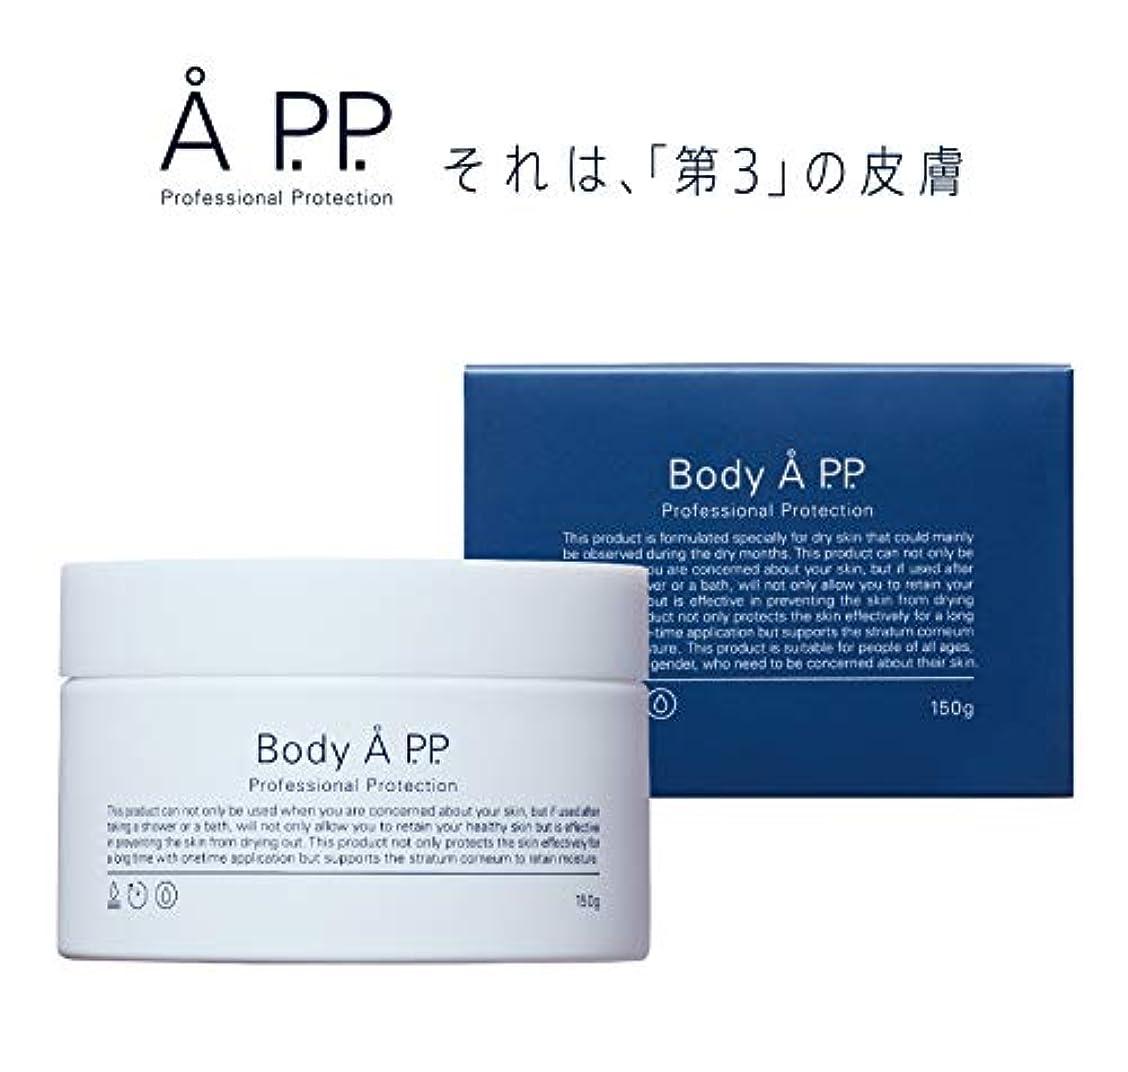 ジョージバーナード疫病踊り子Body A P.P. プロフェッショナルプロテクション 高機能 ボディクリーム ボディークリーム 人気 ランキング 保湿 無香料 150g (1個)